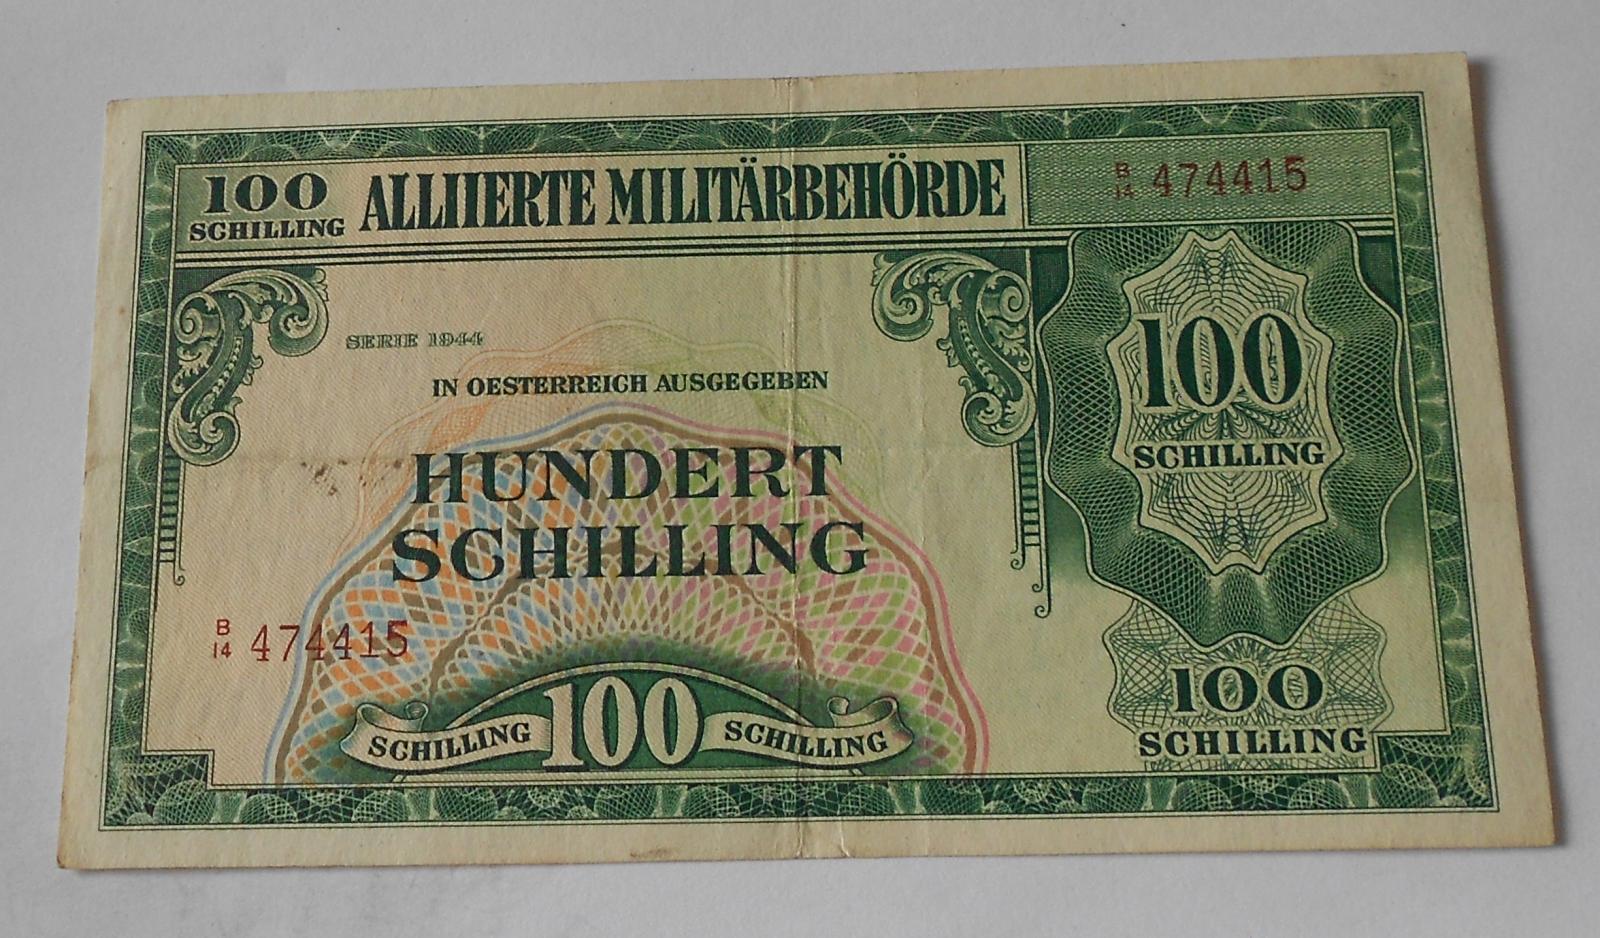 Rakousko 100 Schilling 1944 Vojenská poukázka